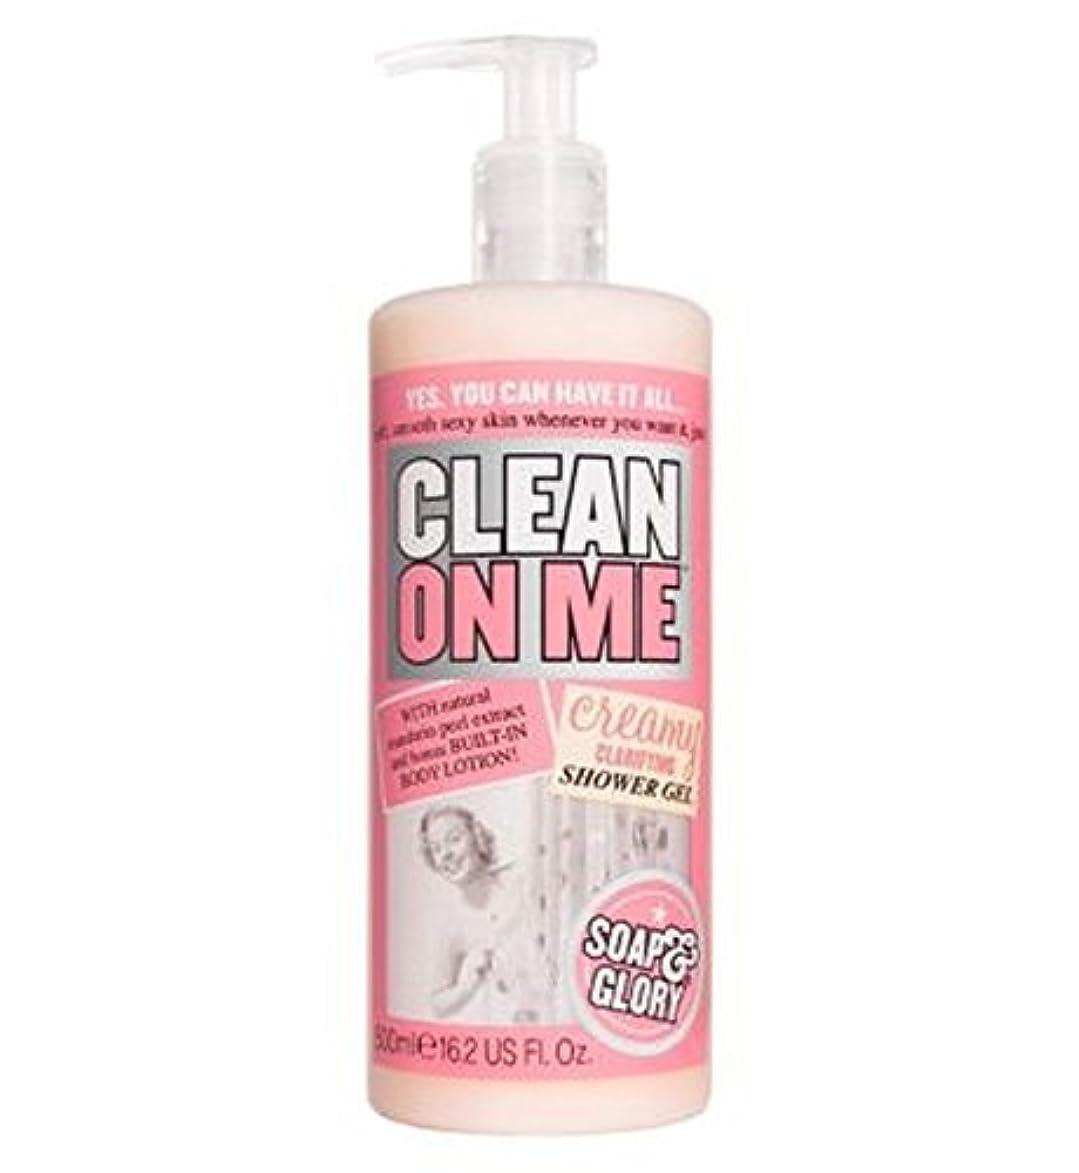 学者従う赤私にきれいな石鹸&栄光はシャワージェル500ミリリットルを明確にクリーミー (Soap & Glory) (x2) - Soap & Glory Clean On Me Creamy Clarifying Shower...